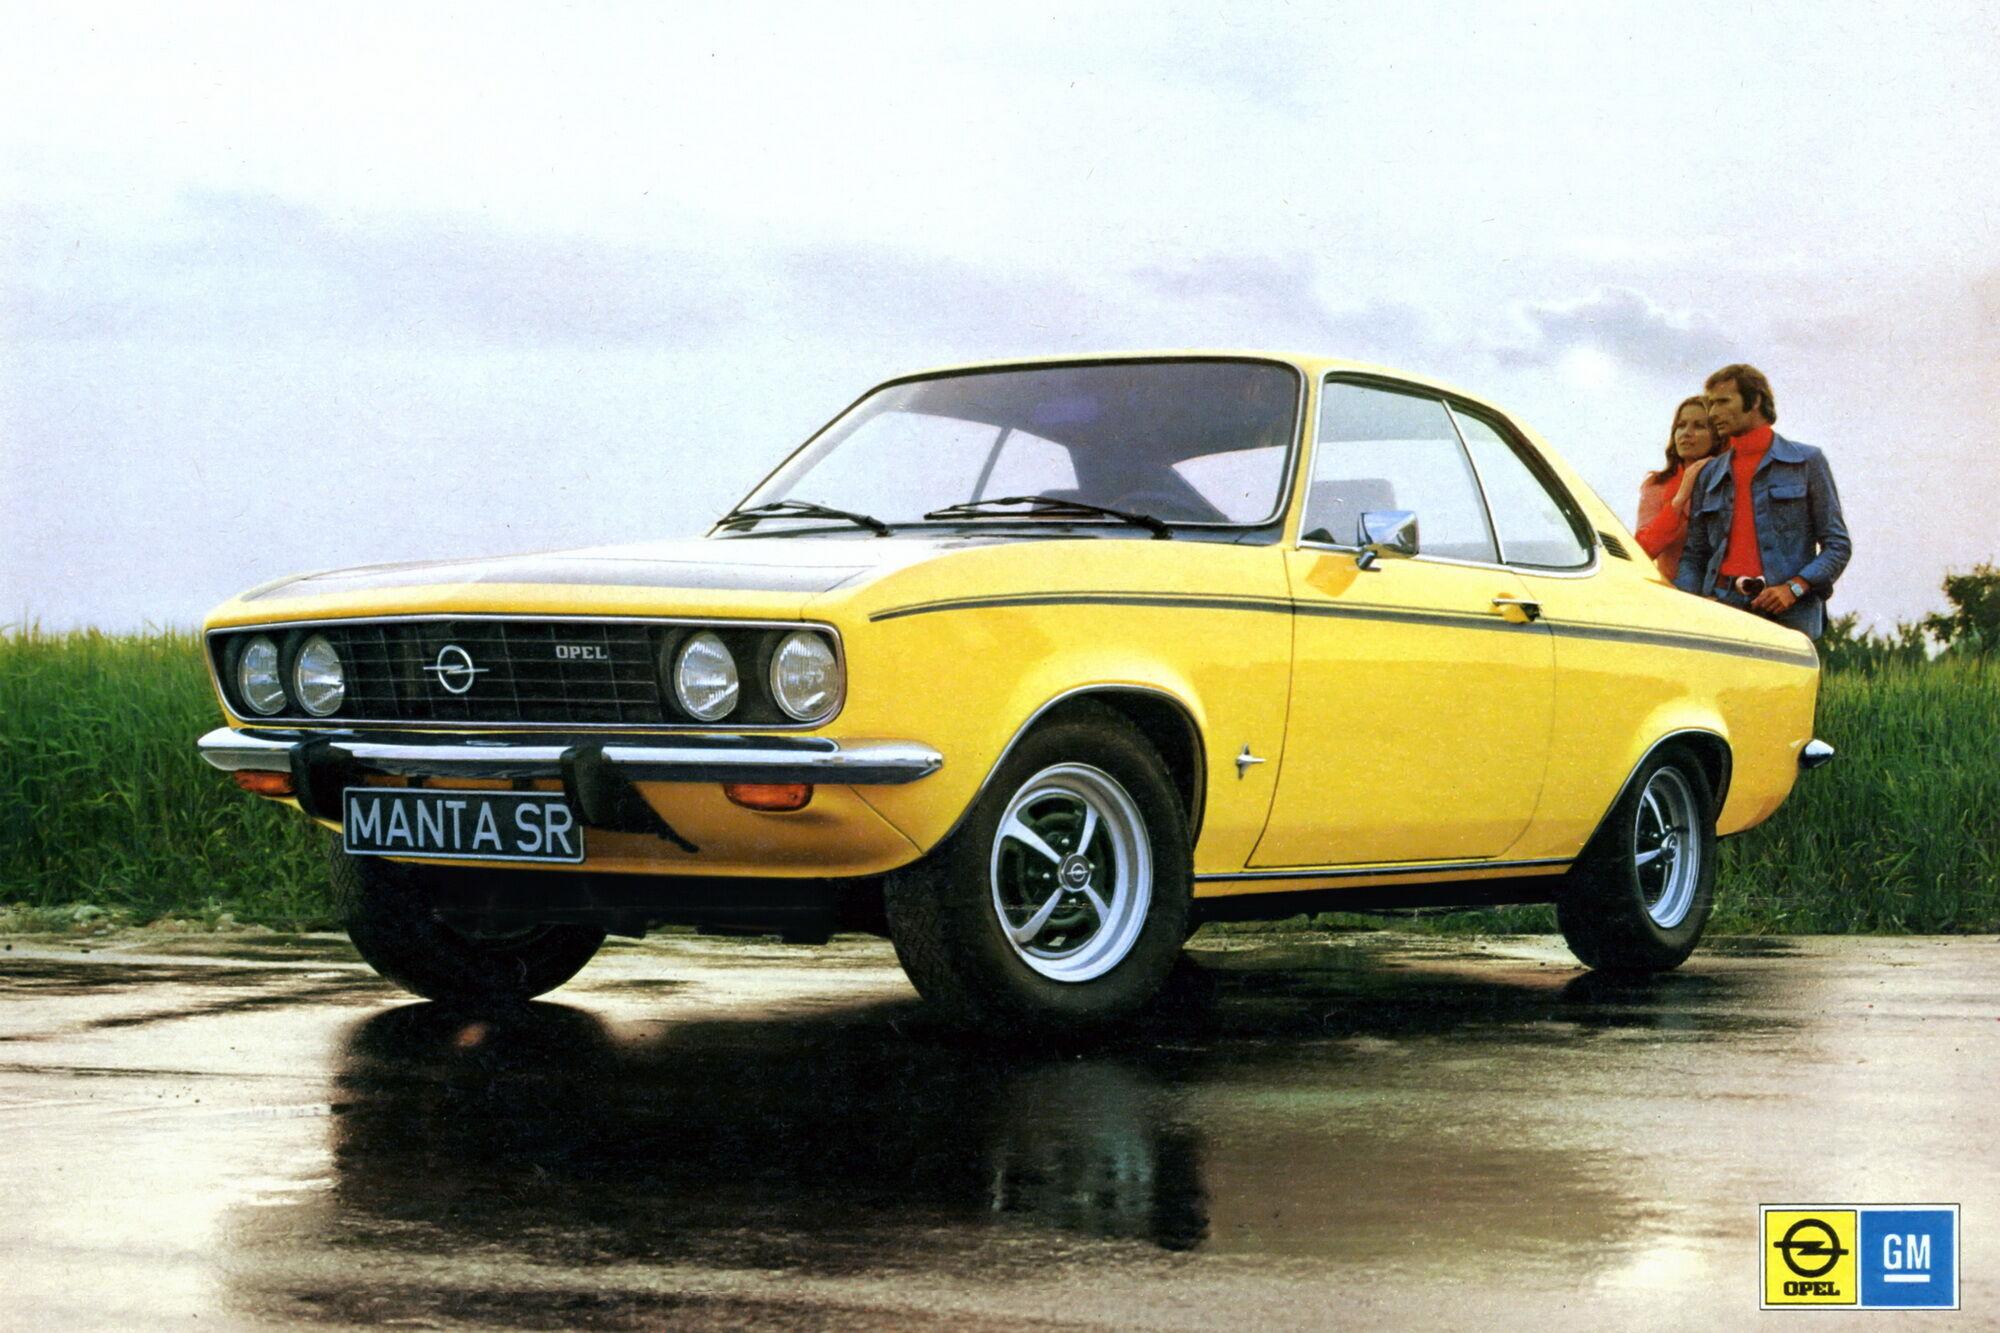 Оригінальне купе Opel Manta 70-років минулого століття